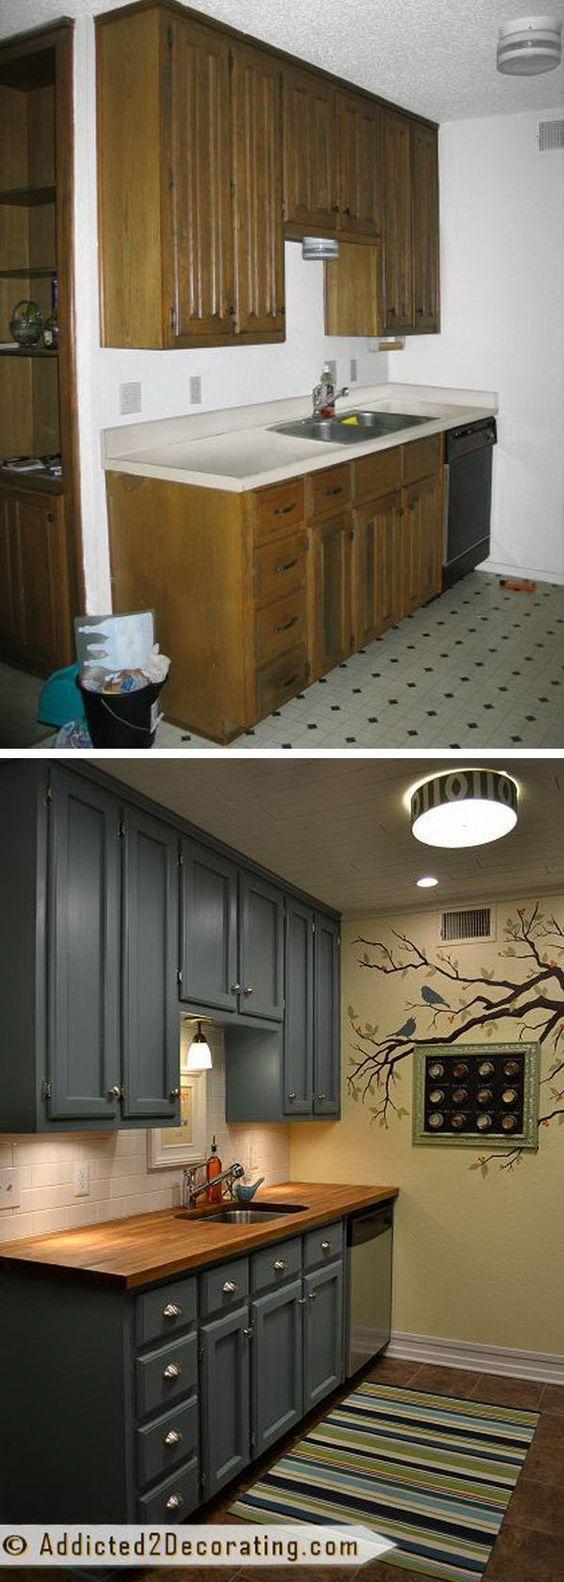 Ideas para arreglar tu cocina con poco dinero - Cambiar muebles cocina ...